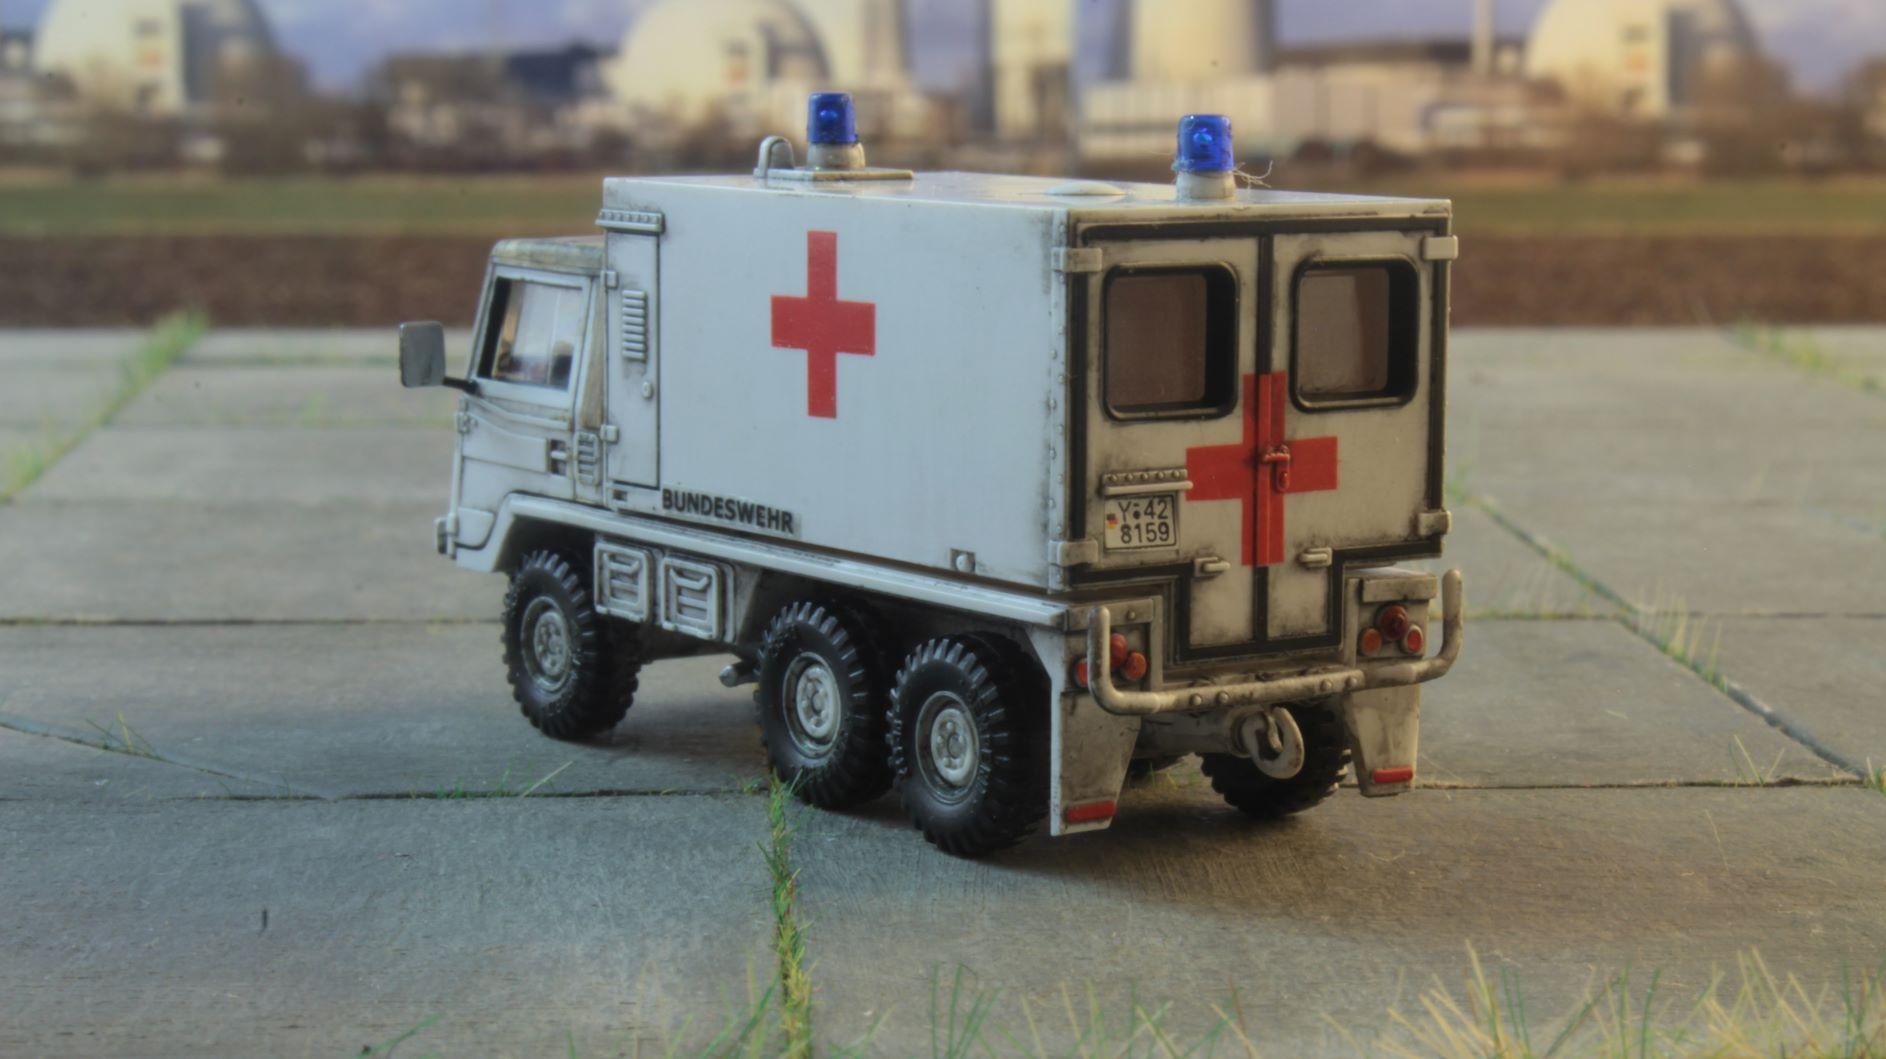 Pinzgauer 6x6 Roco Ambulans 2 .JPG